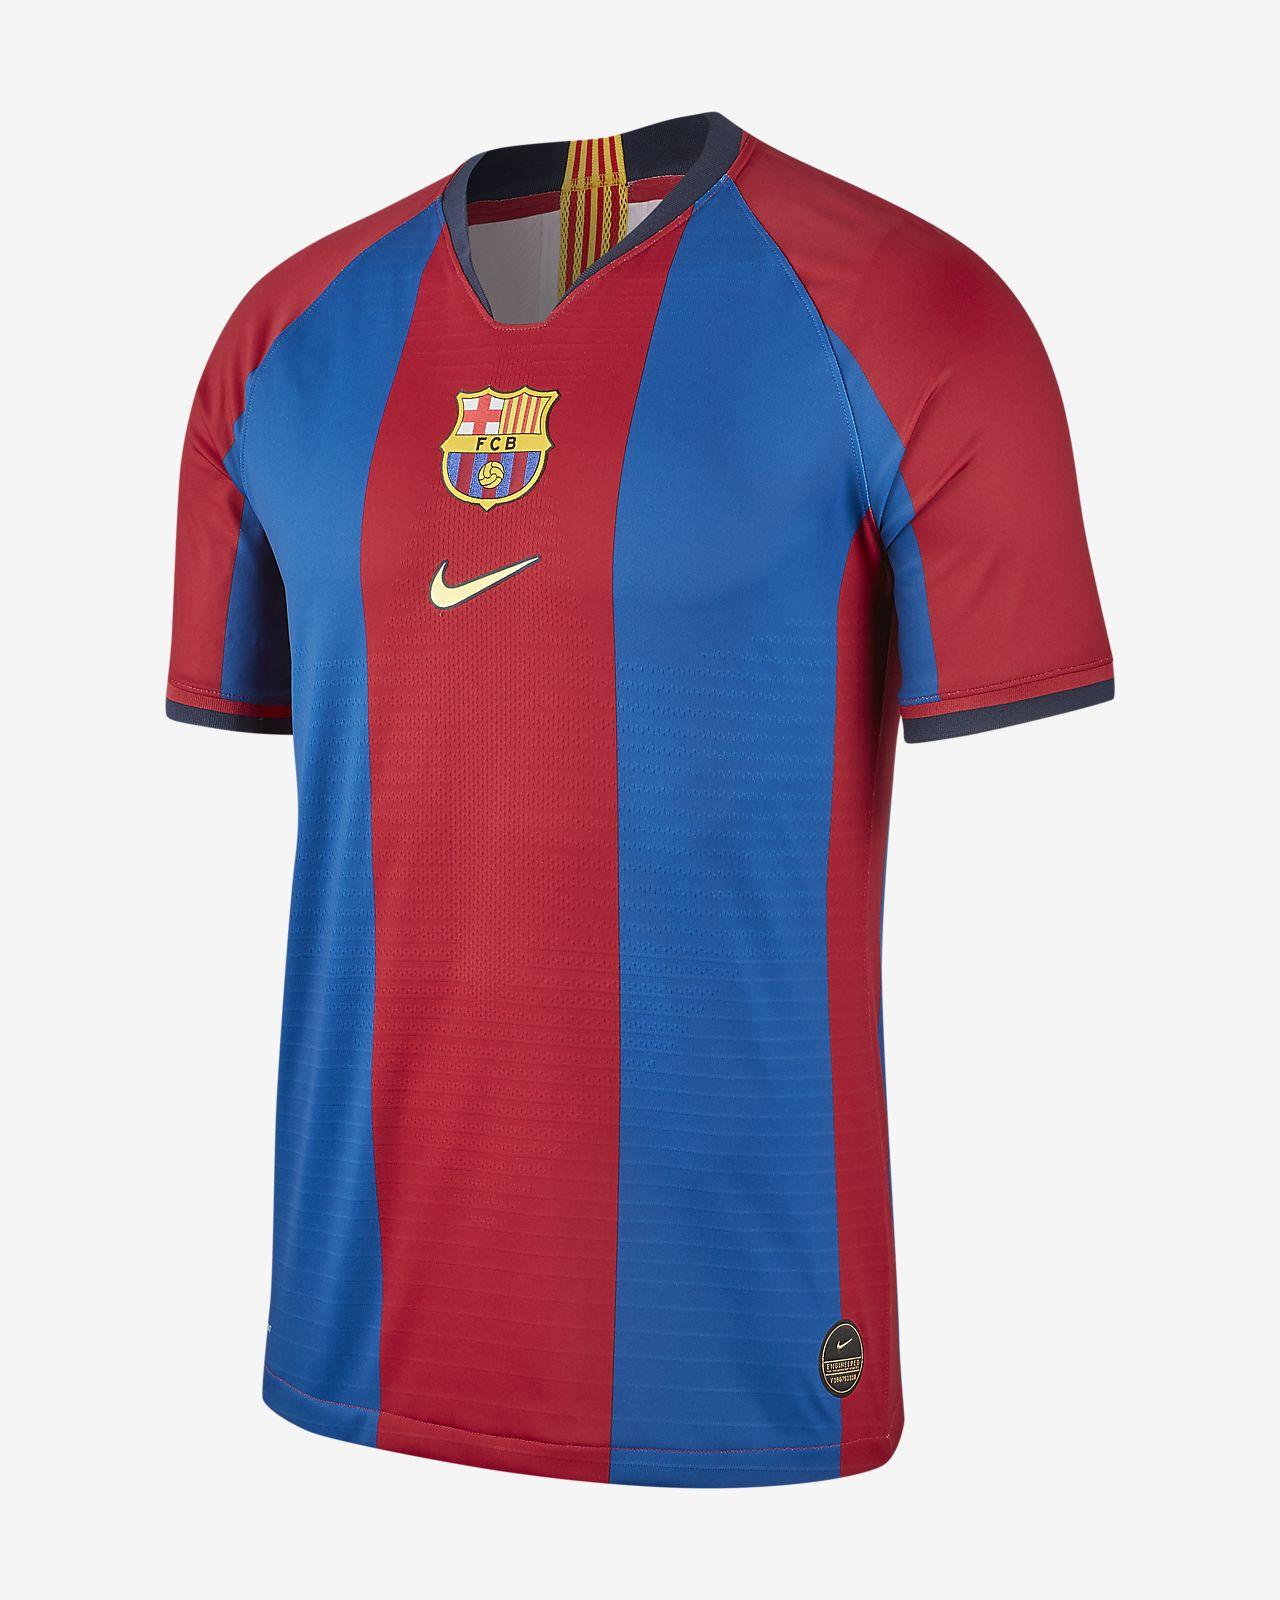 3469aa9dda8dc FC Barcelona Vapor Match  98 99 Camiseta - Hombre. Nike.com ES